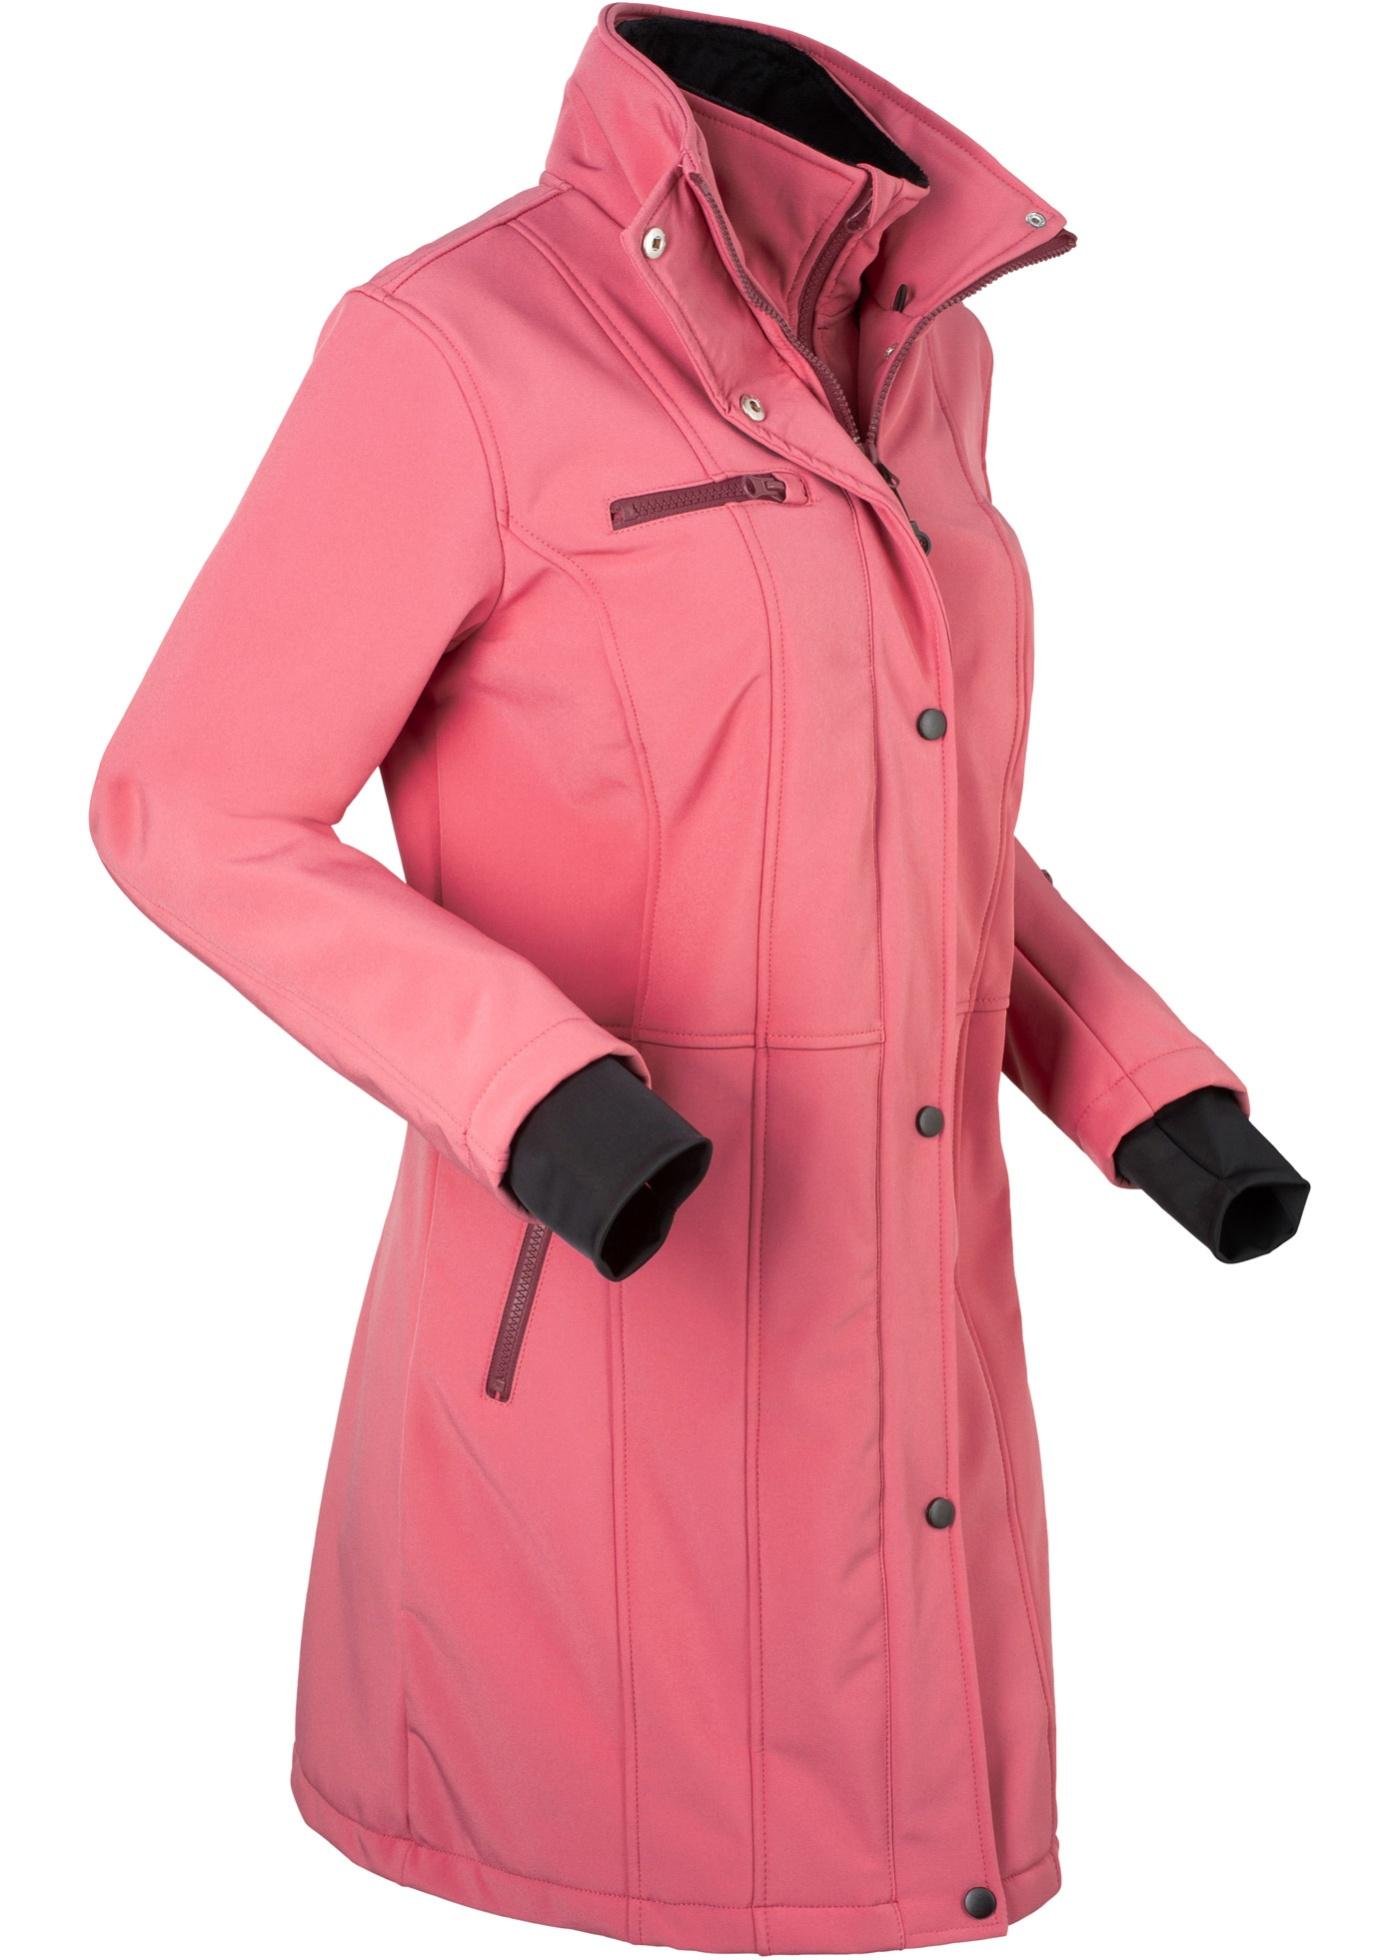 Pour Style Bpc Fuchsia Longues Softshell 2en1 Extensible Femme Manches Bonprix CollectionVeste rCdhQts